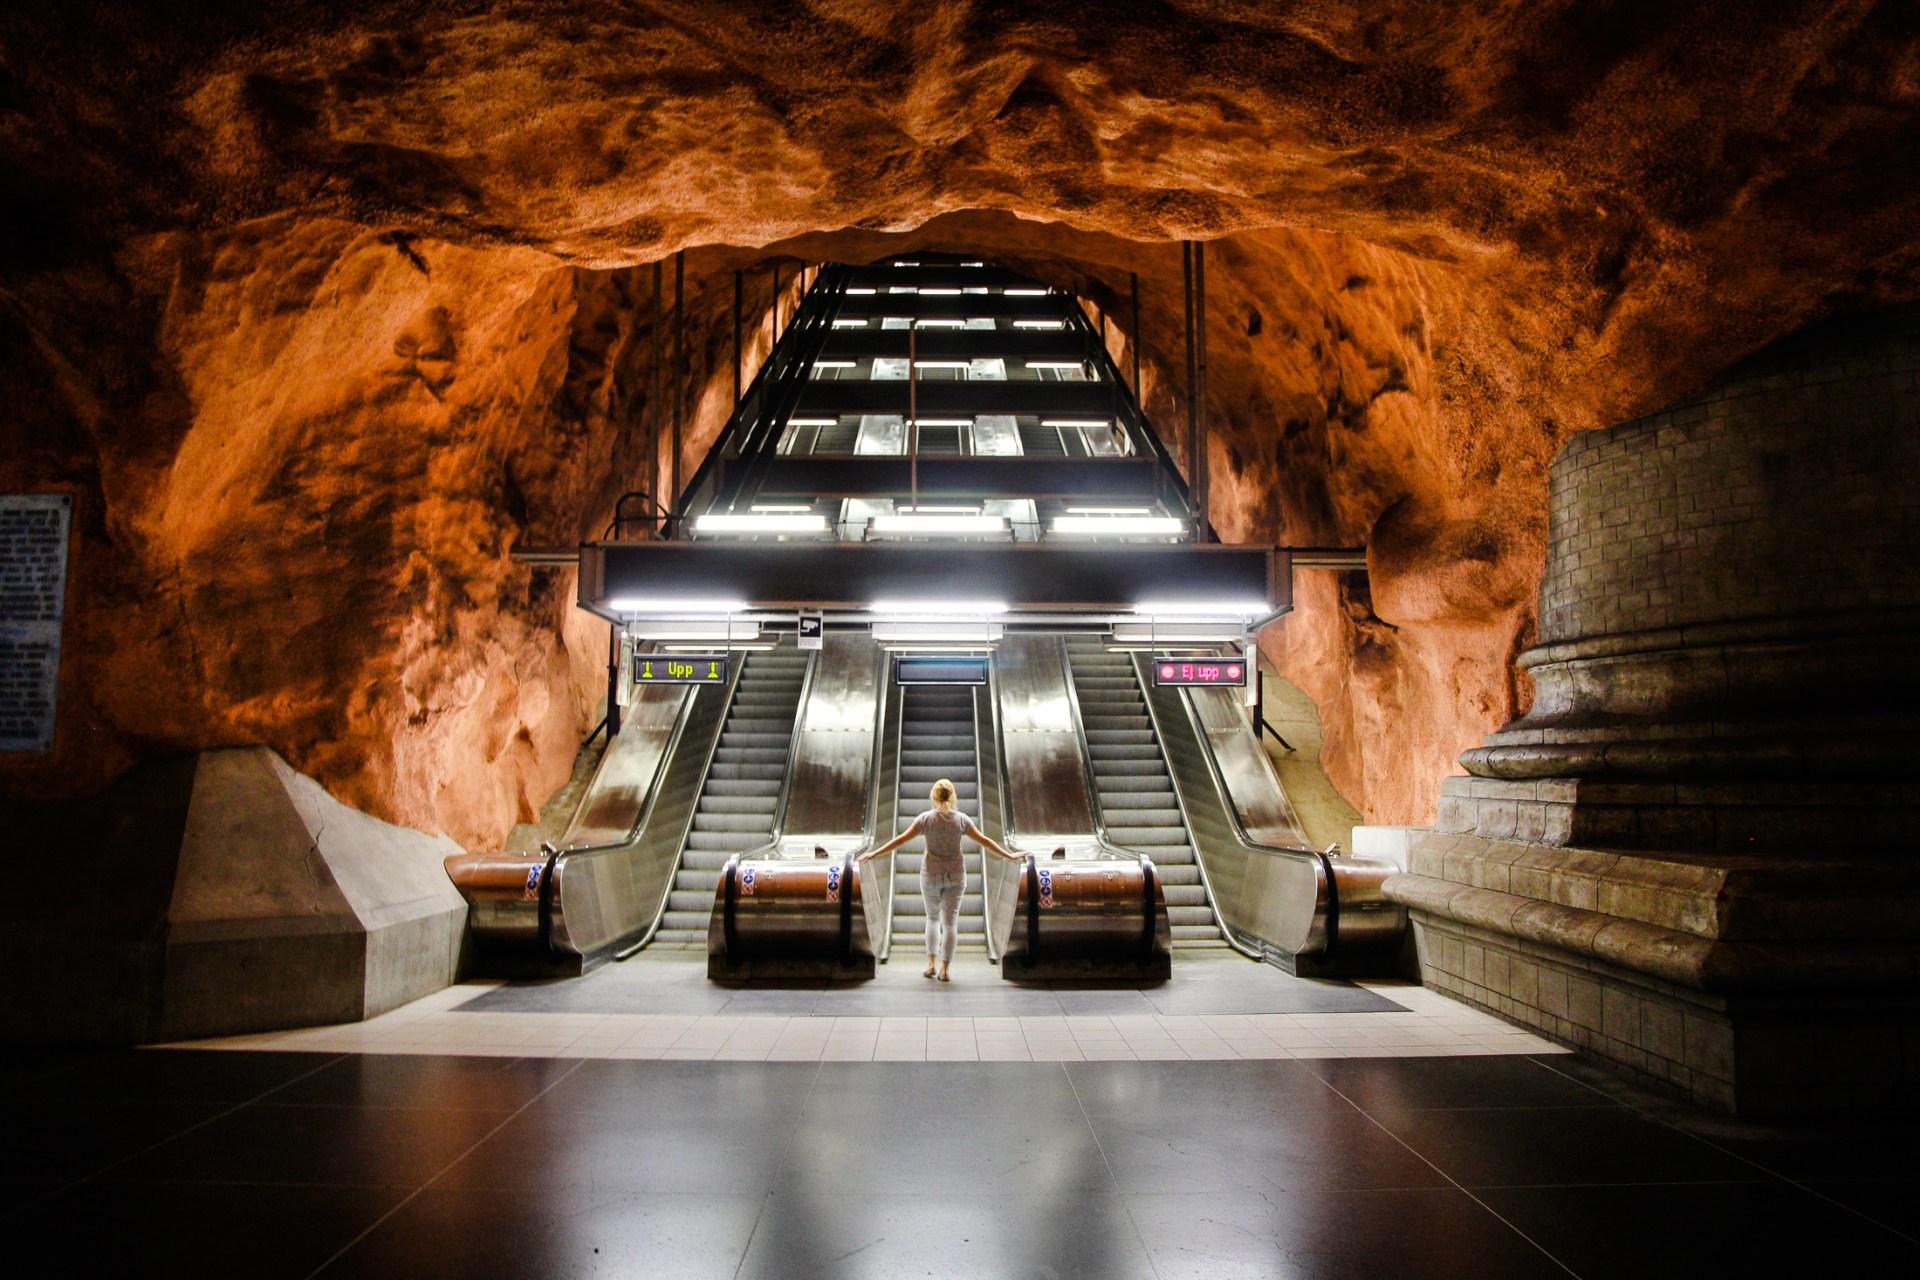 Stockholm subway station Rådhuset